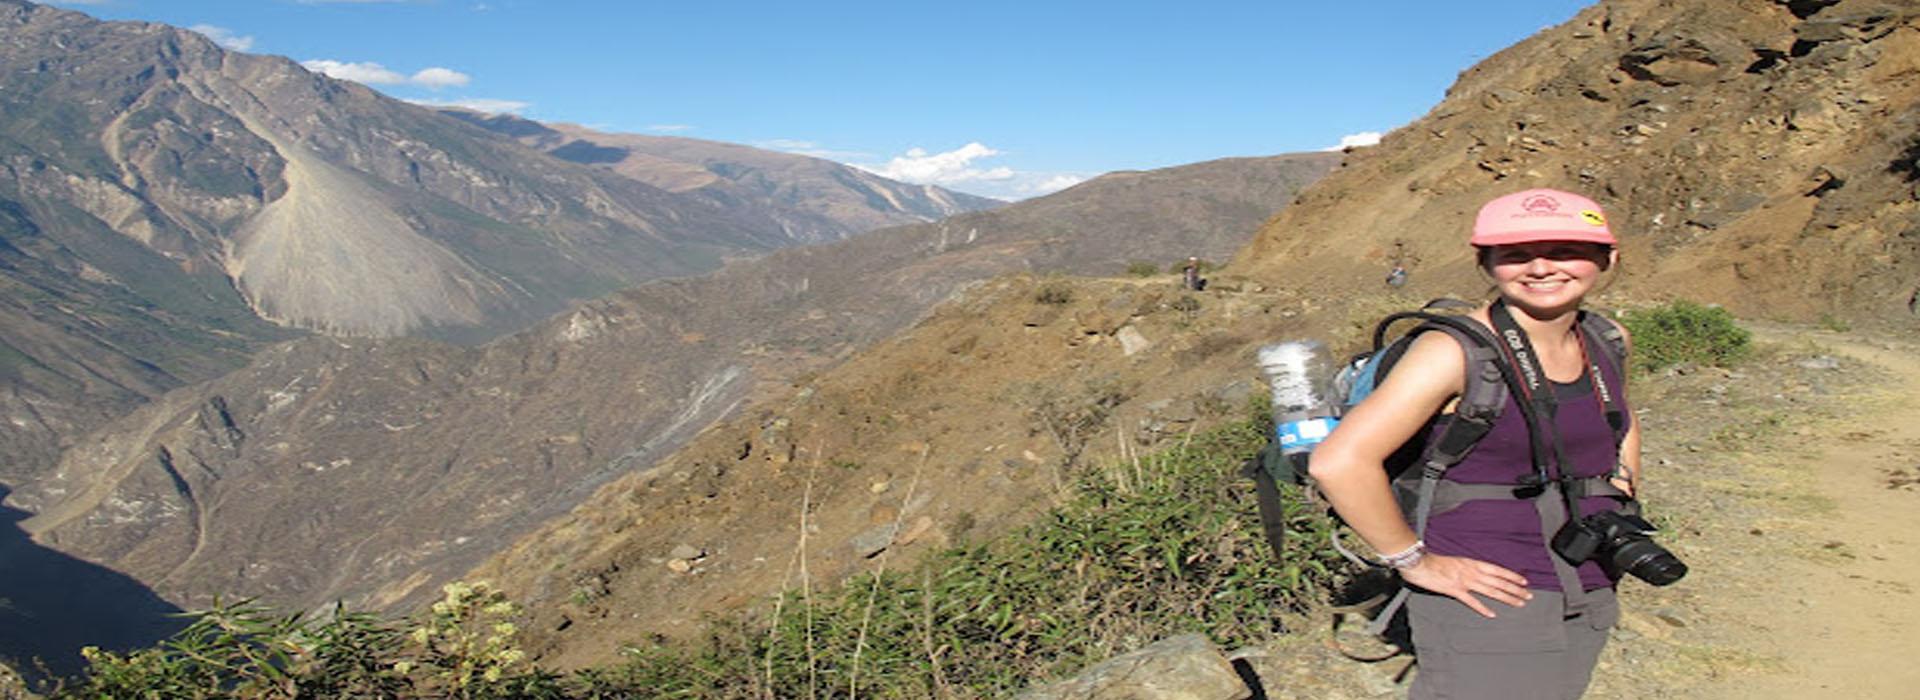 Choquequirao Trekking 5days / 4nights